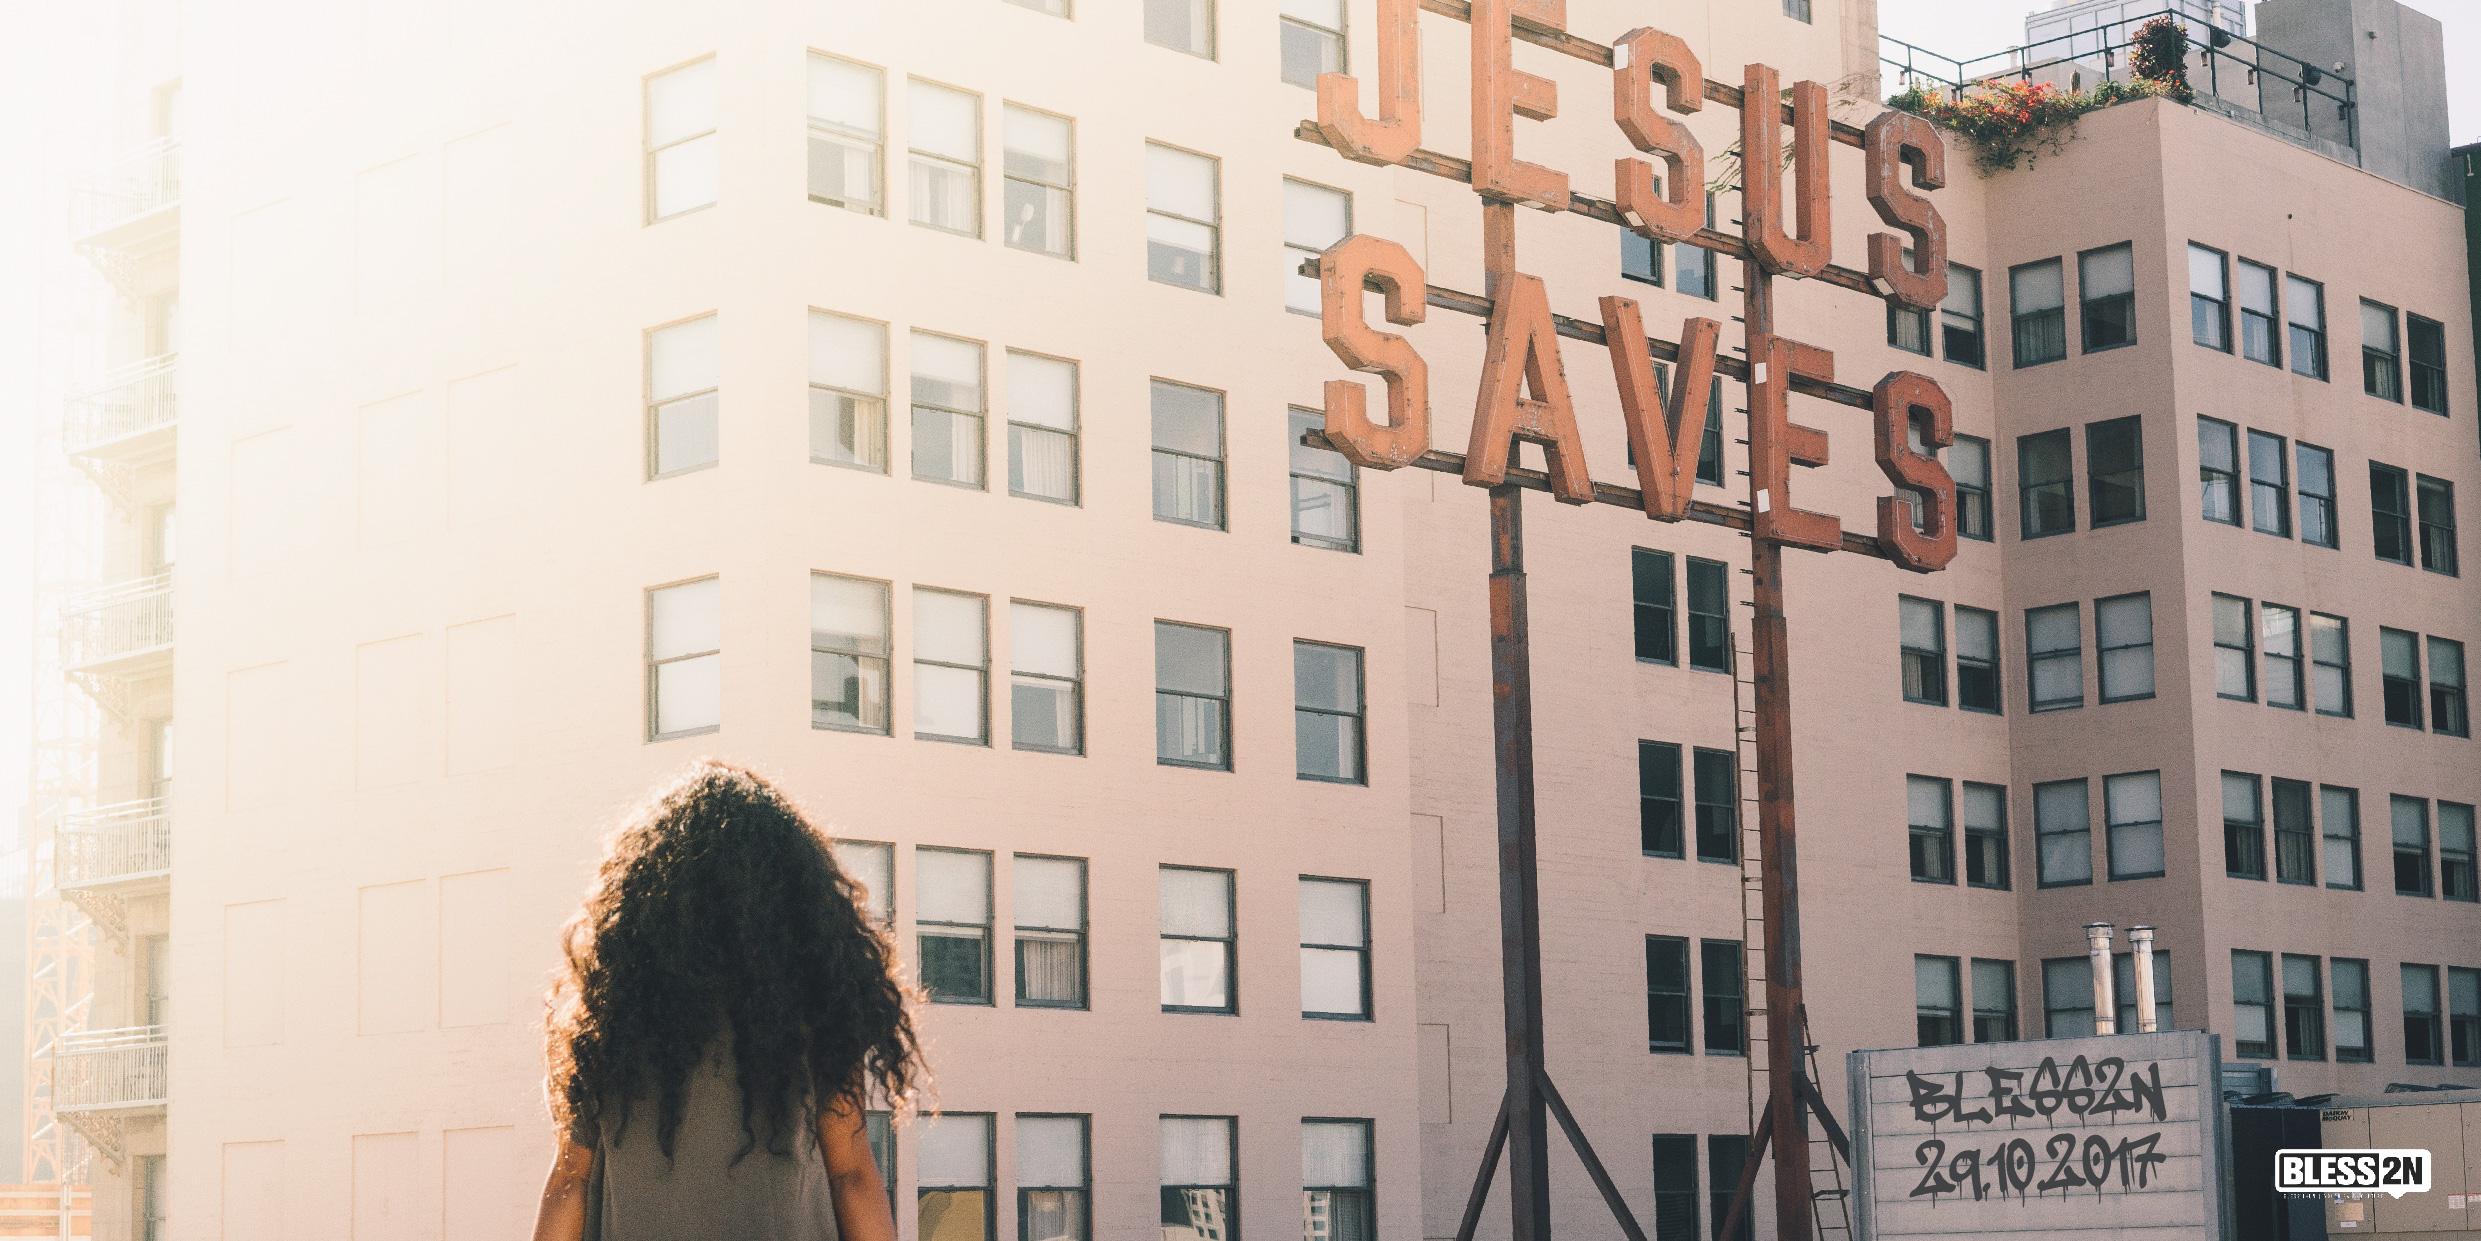 JESUS SAVES – Geru Furrer